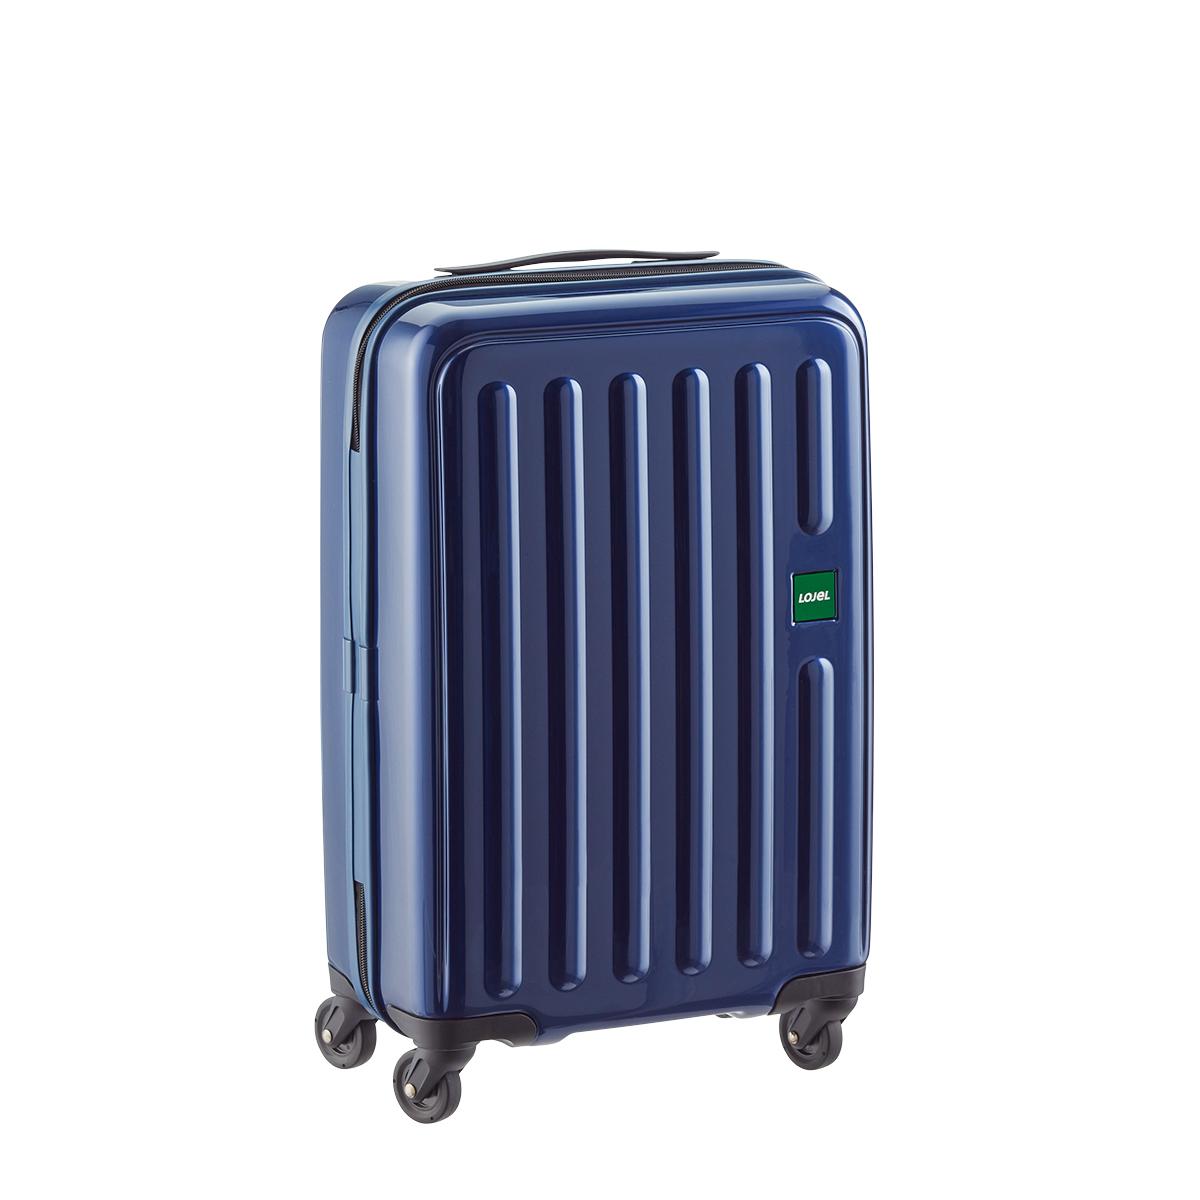 Ascent 4-Wheeled Luggage